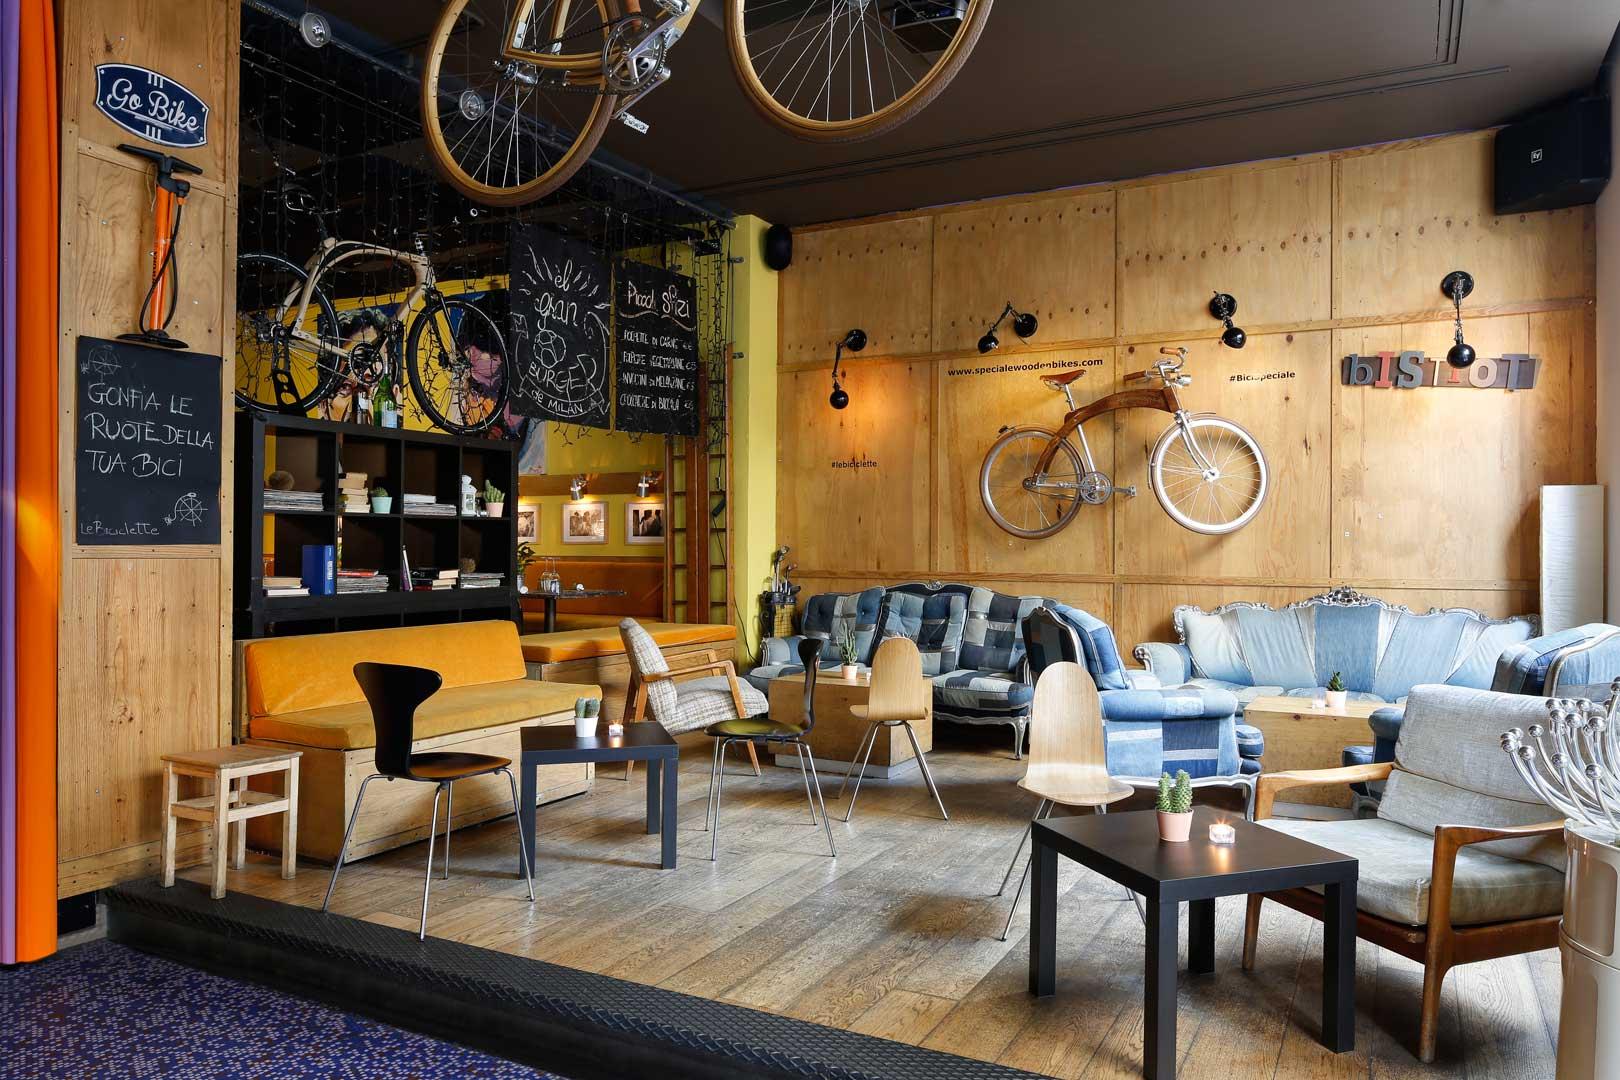 Le Biciclette - Milano